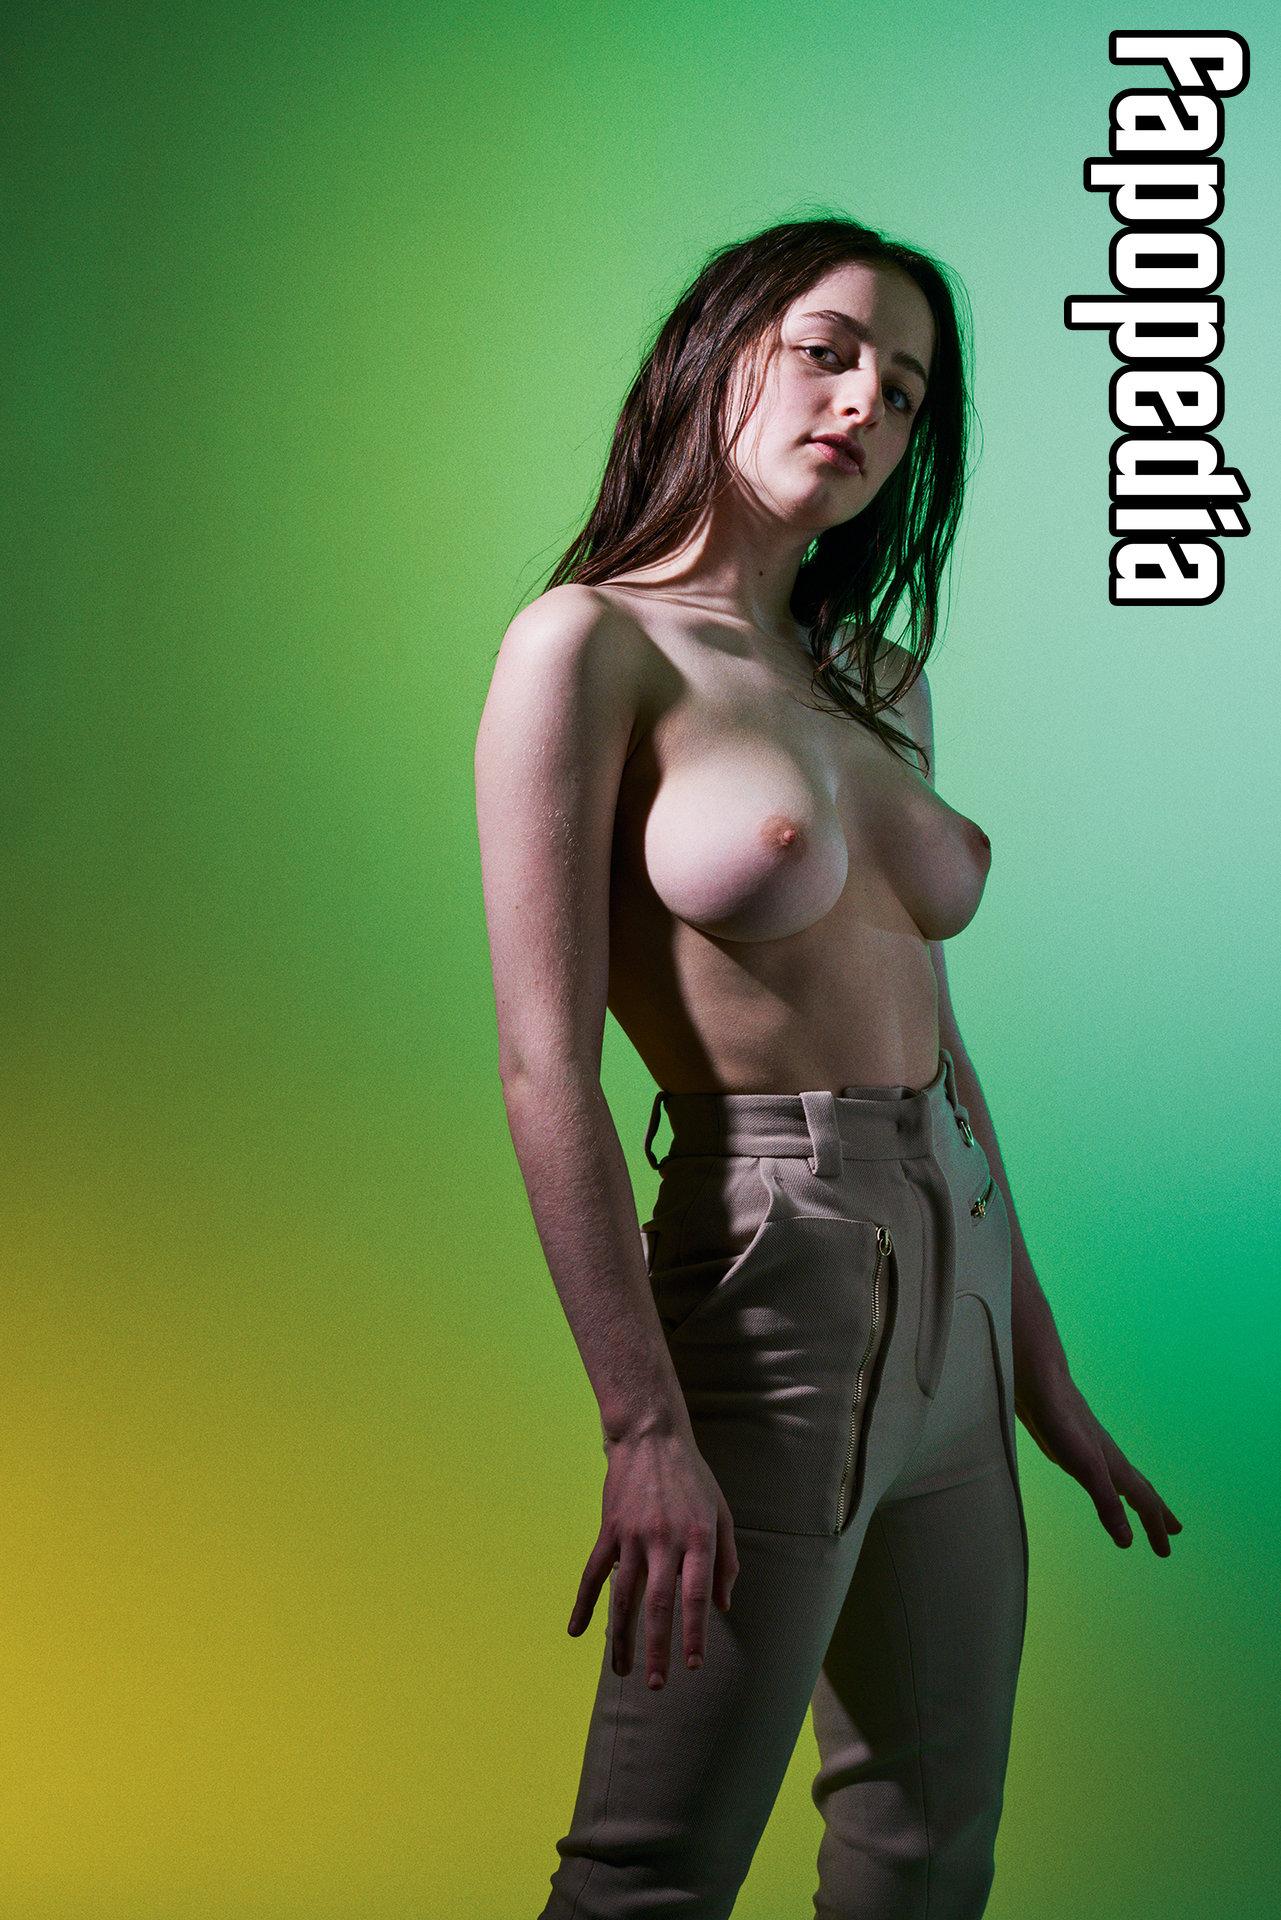 Masculin Feminin Nude Leaks